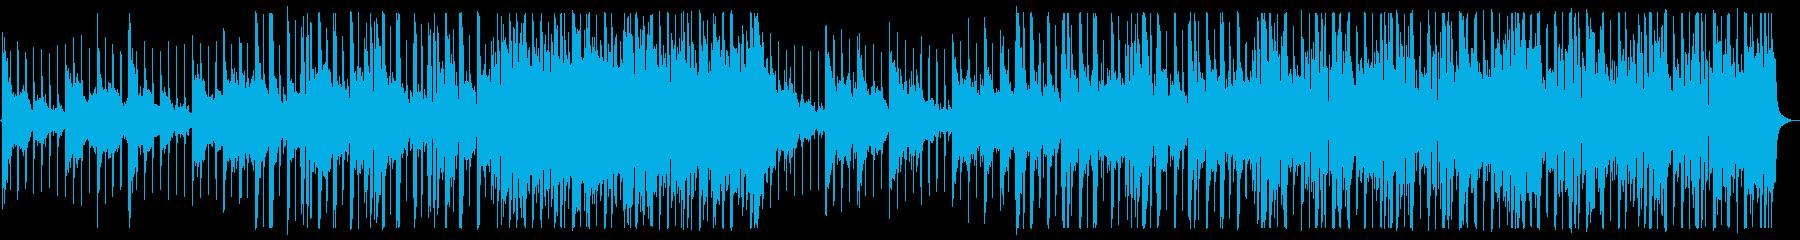 優しい雰囲気のR&B_No495_1の再生済みの波形